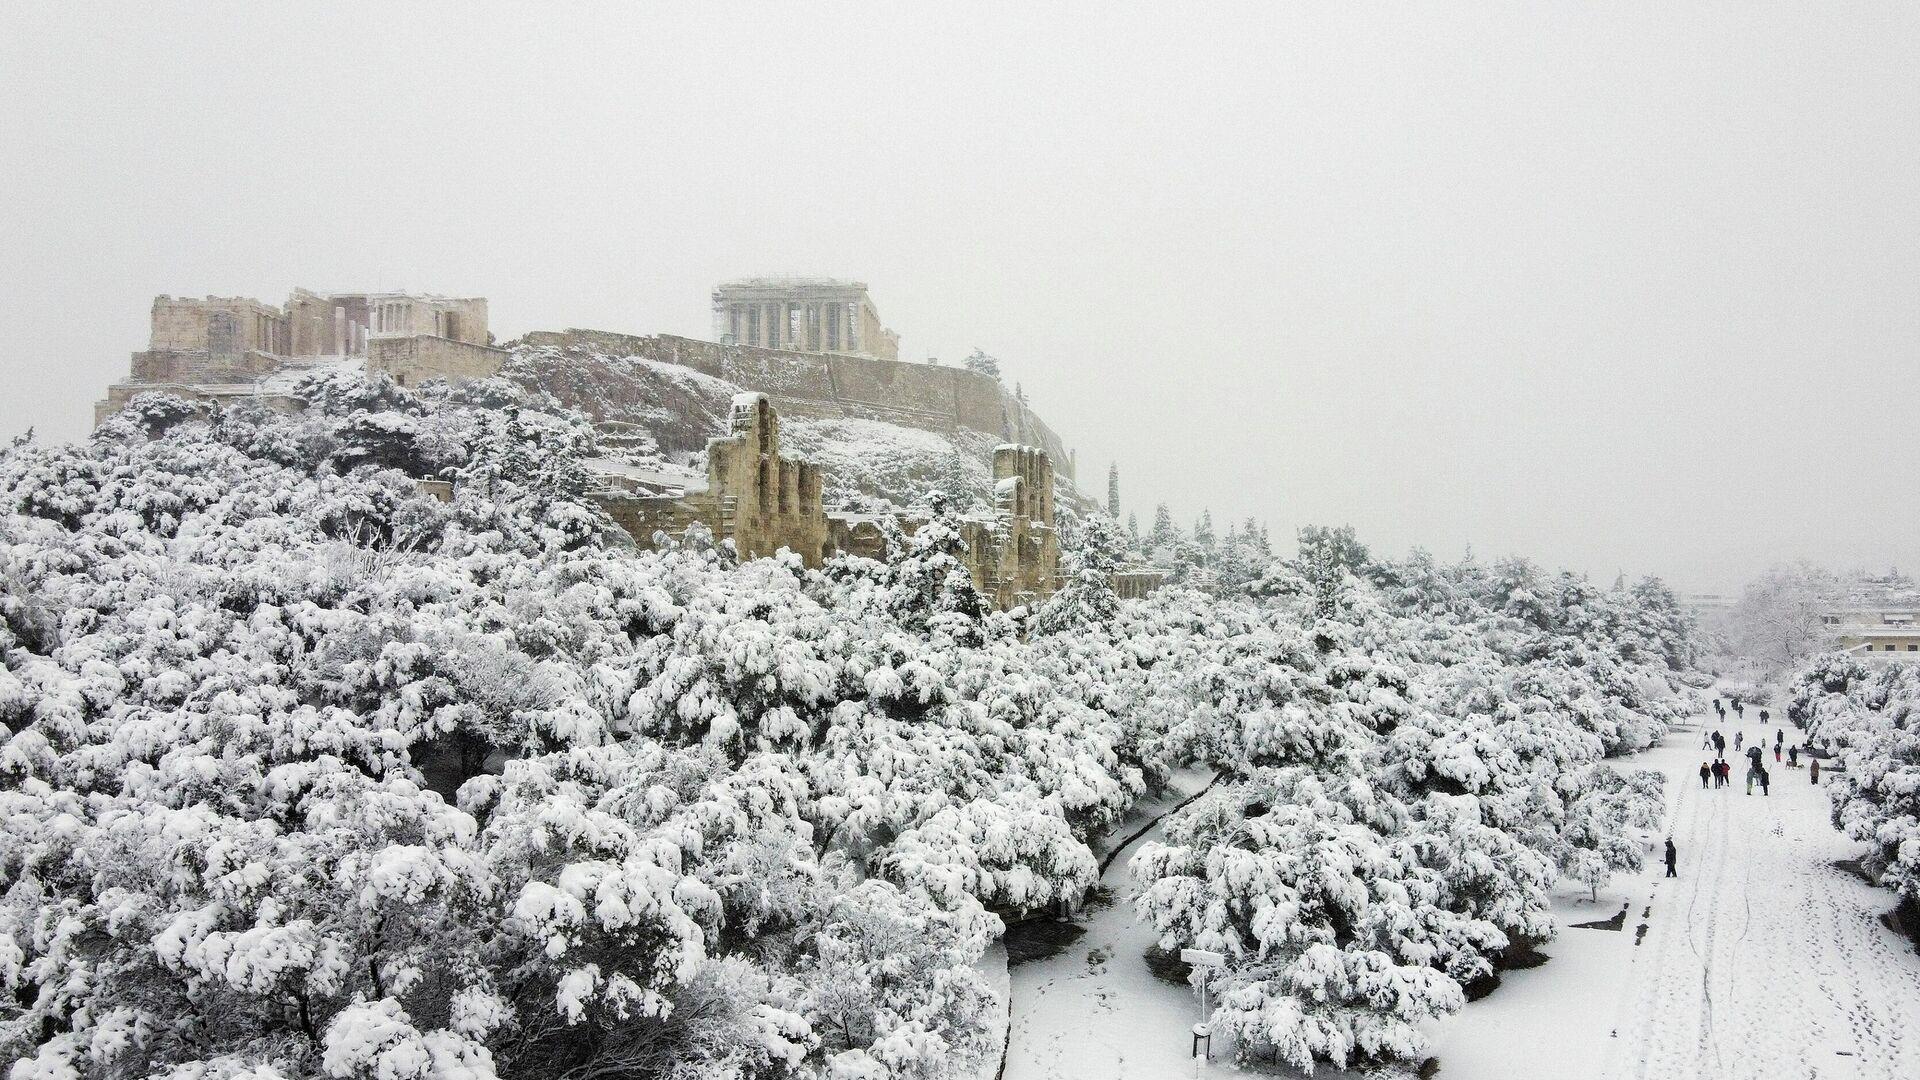 Una fuerte nevada en Atenas, Grecia - Sputnik Mundo, 1920, 16.02.2021